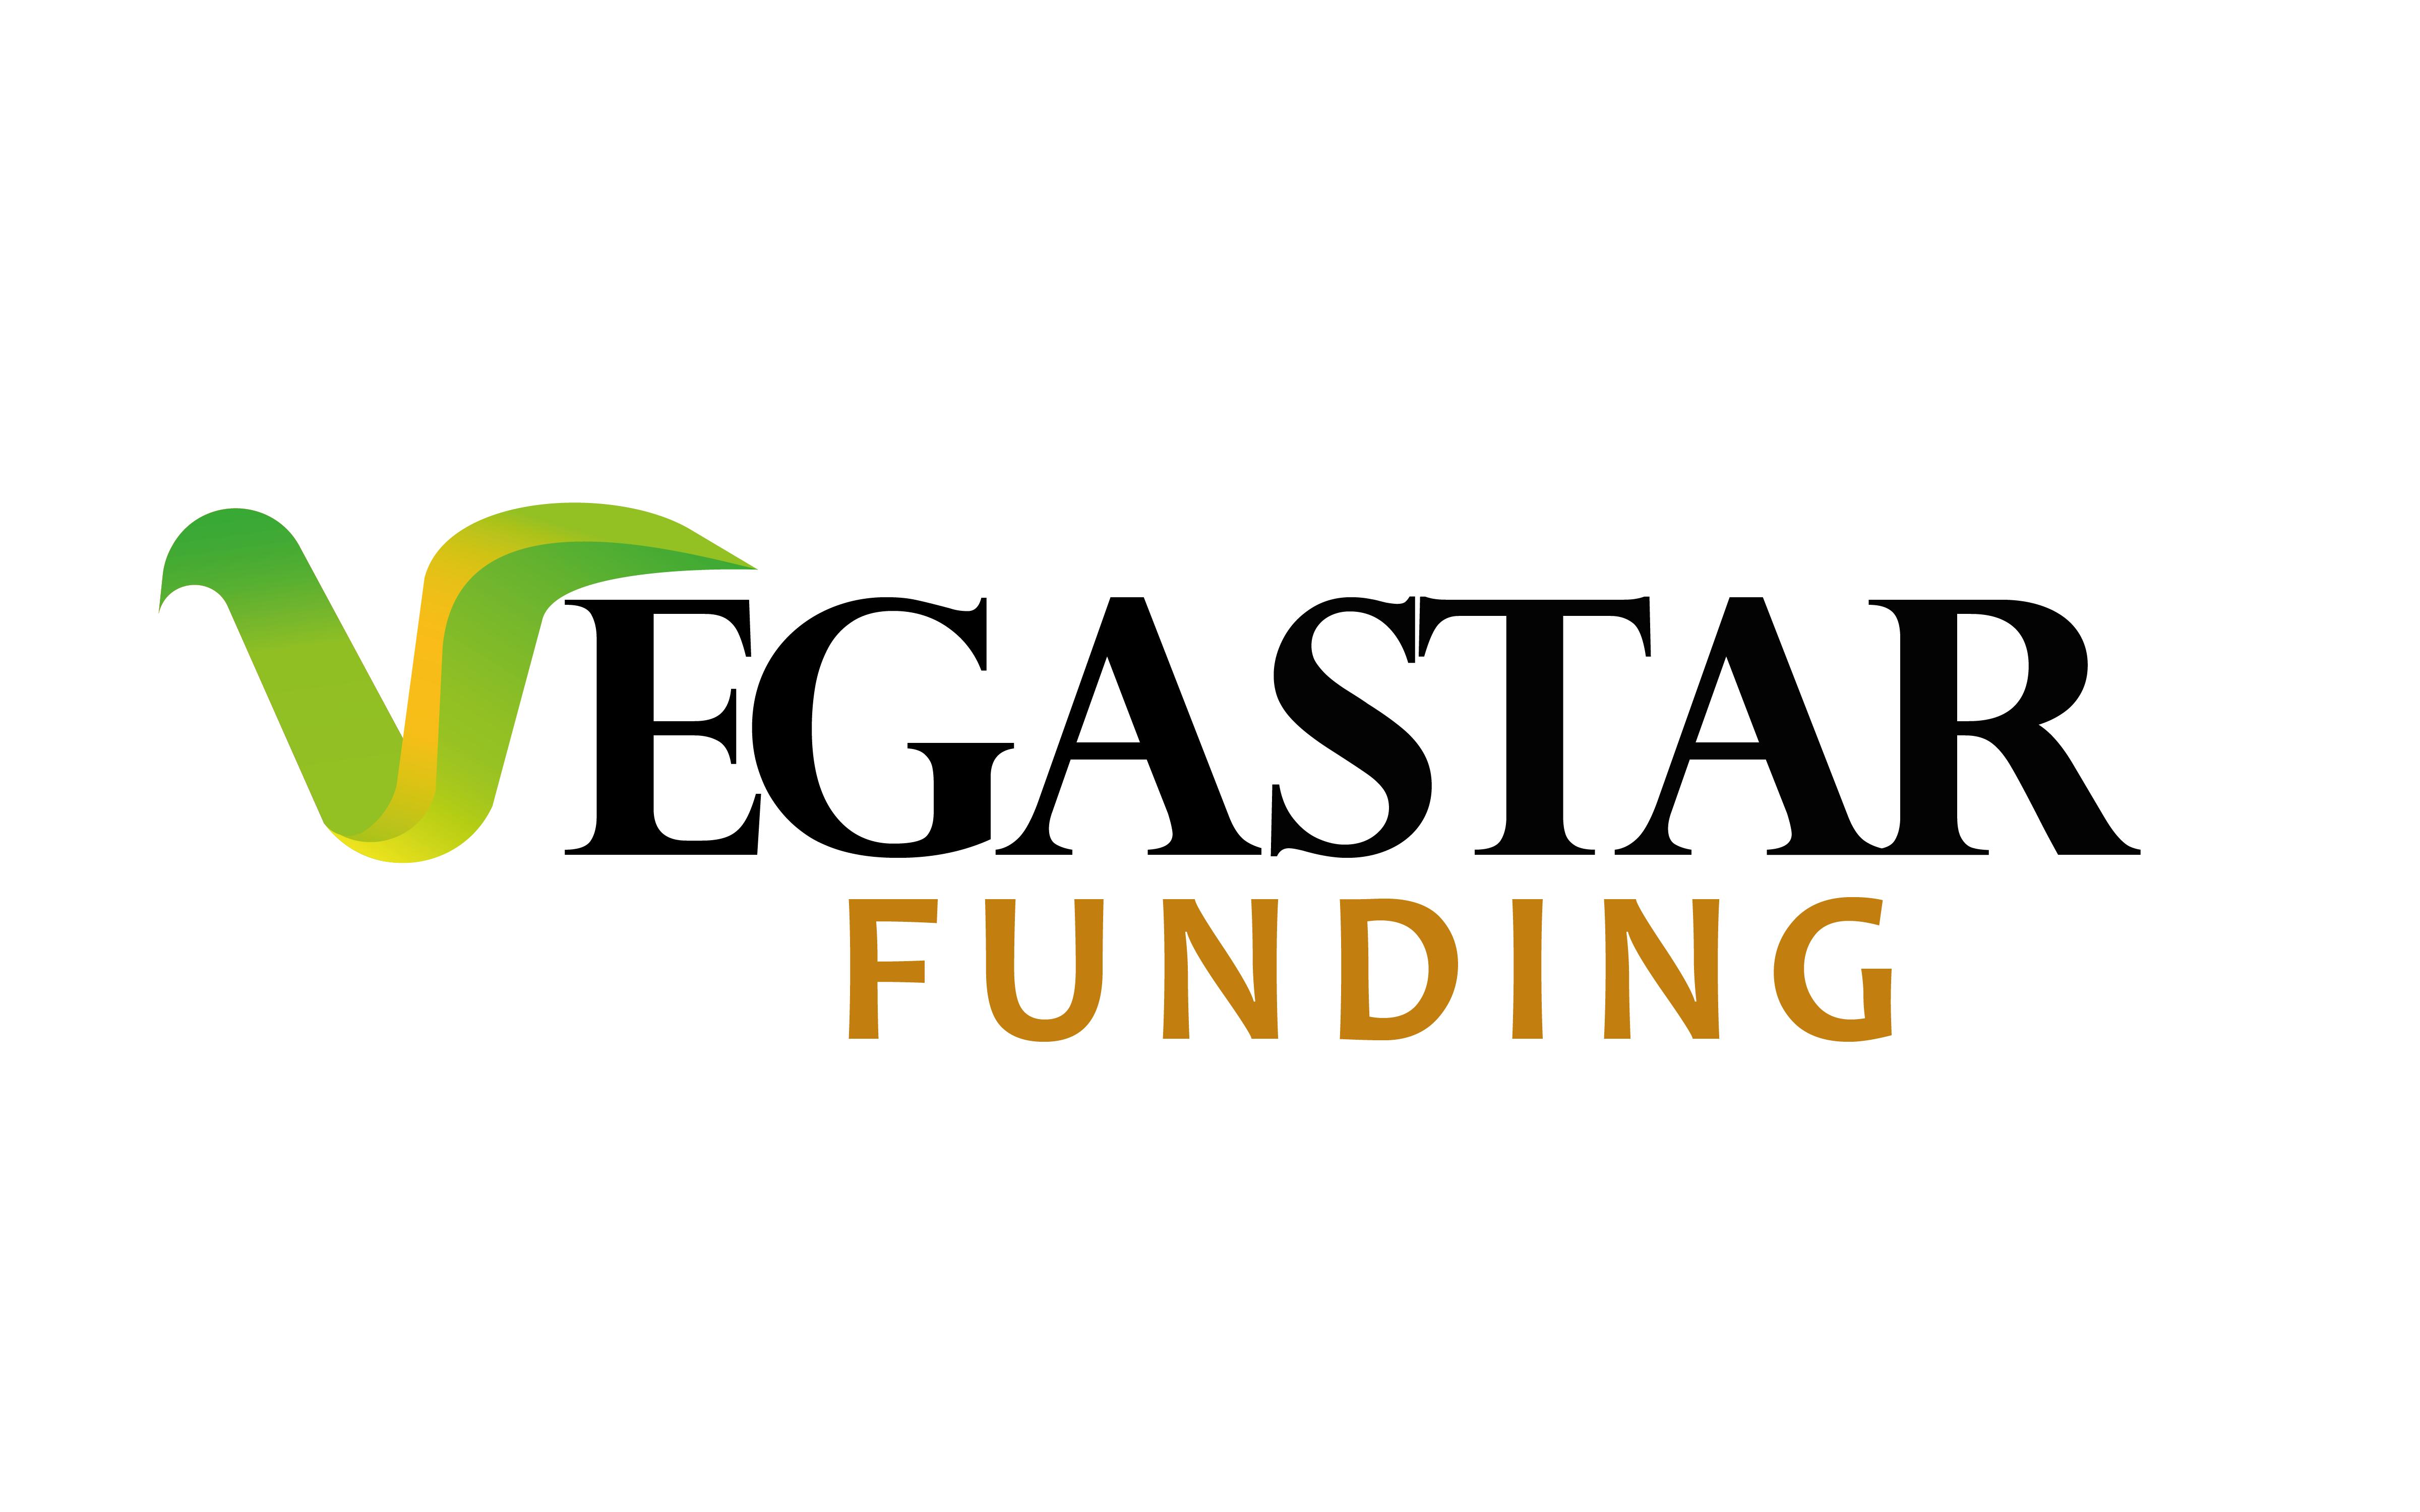 VEGASTAR Funding image 12